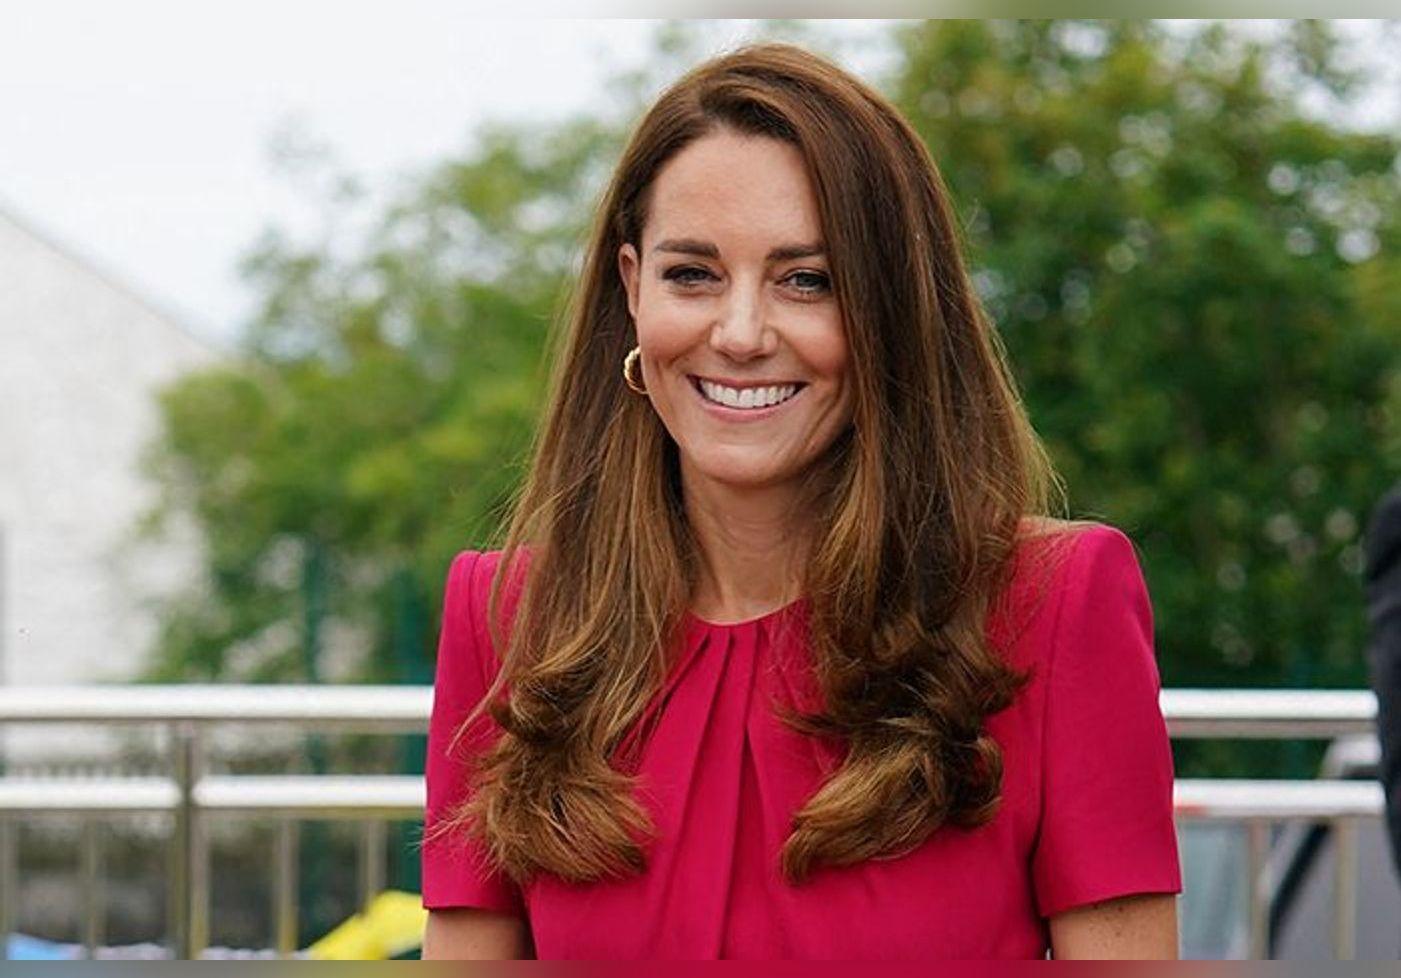 Kate Middleton renversante dans sa sublime robe couture… Un clin d'œil à sa robe de mariée